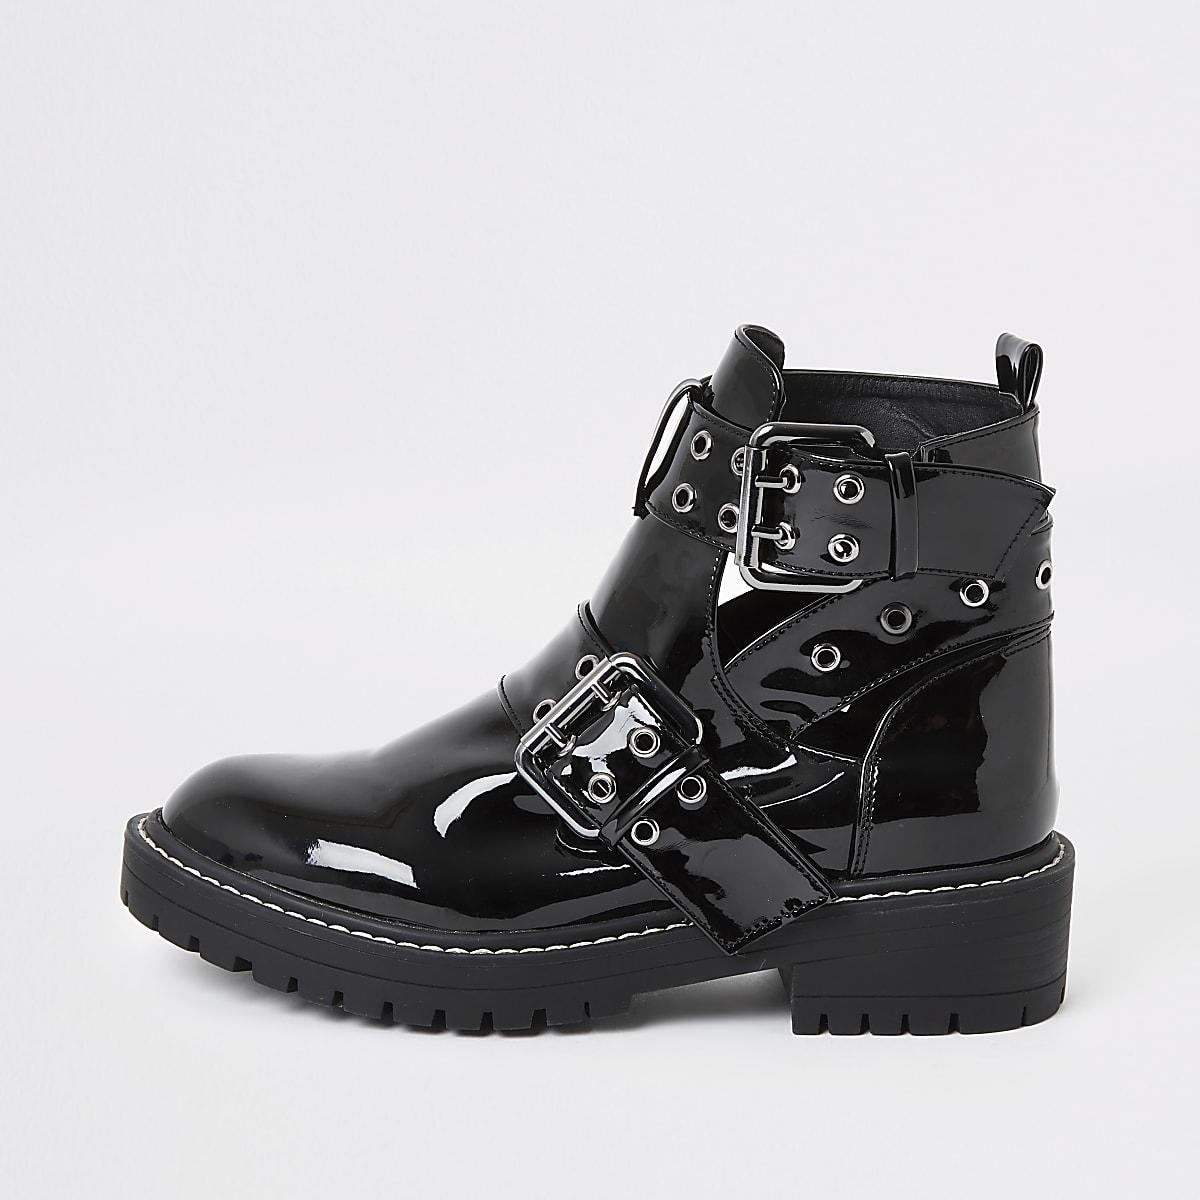 Zwarte lakleren stevige laarzen met uitsnijding en wijde pasvorm